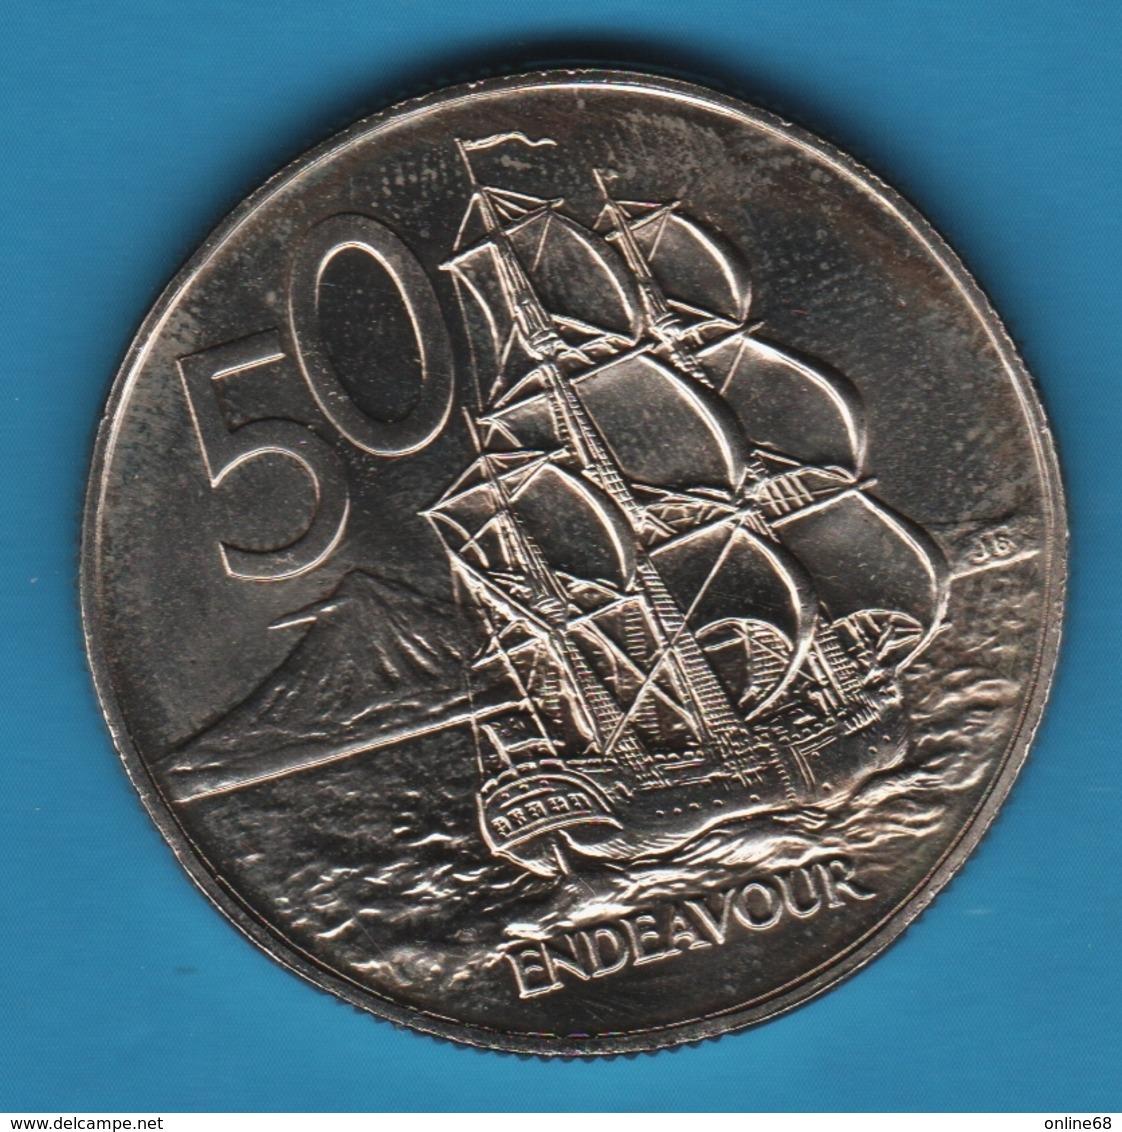 NEW ZEALAND 50 CENTS 1978  KM# 37 HMS Endeavour BATEAU - Nouvelle-Zélande